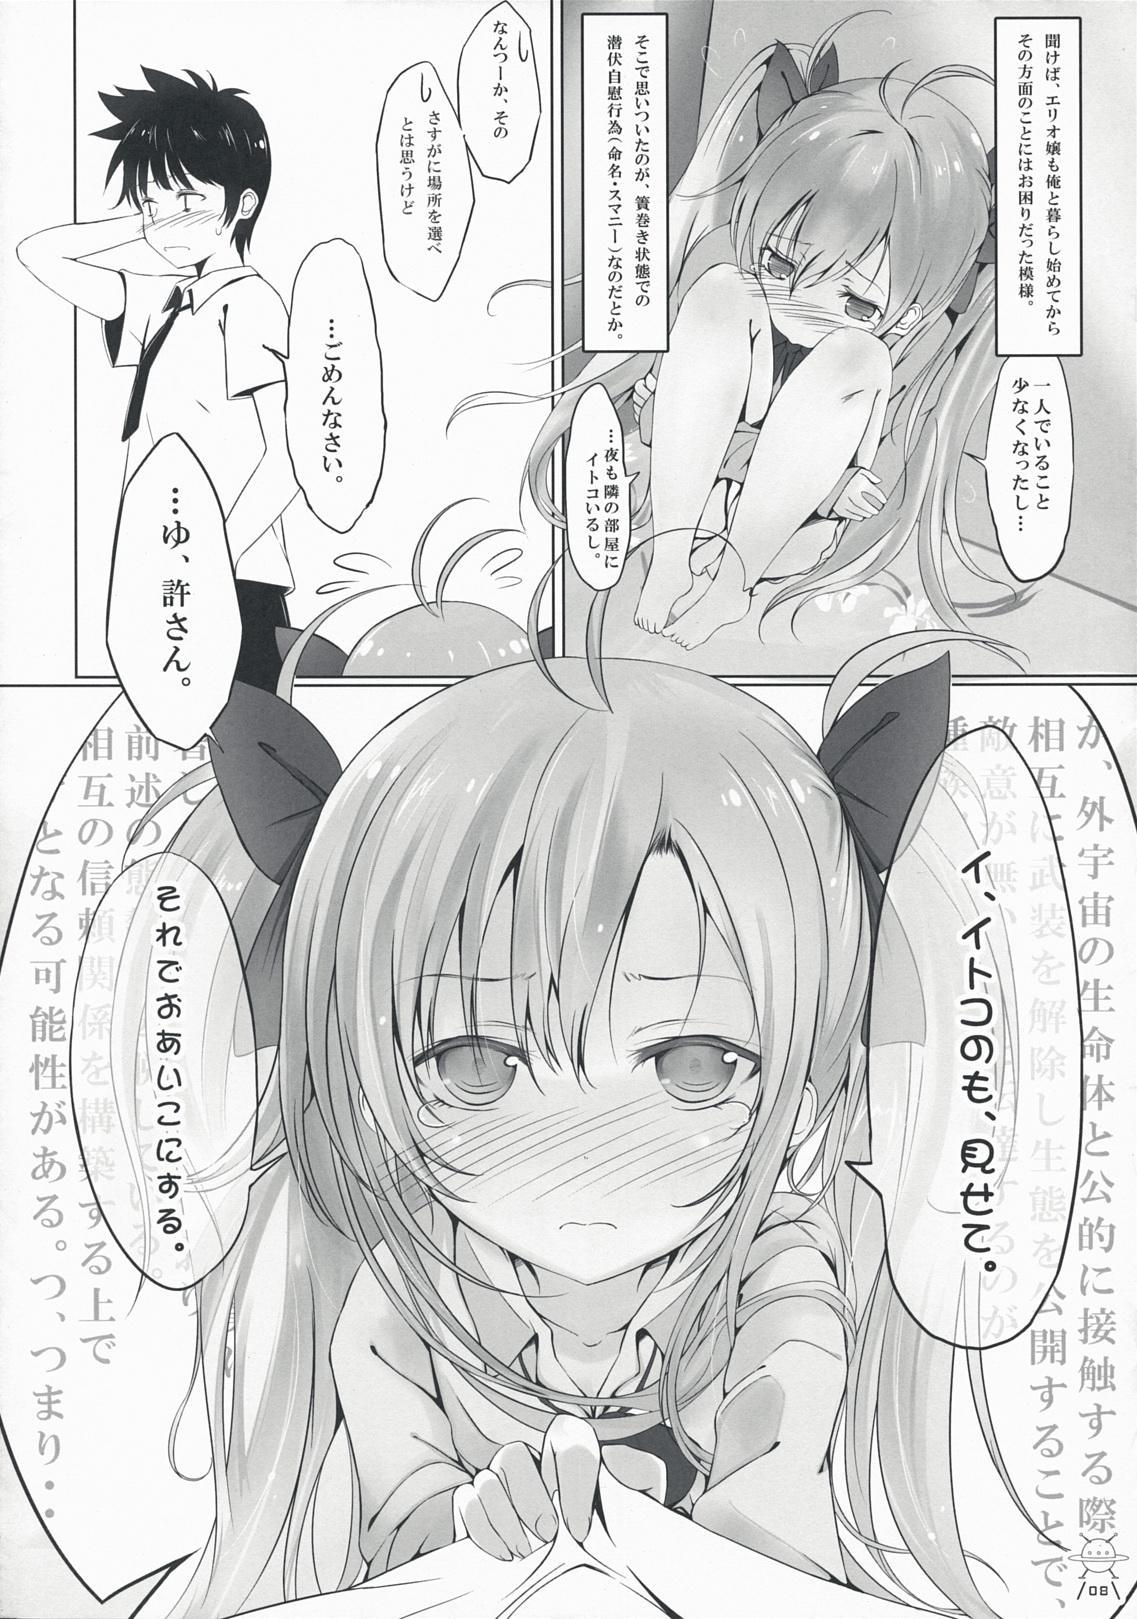 Ginga no Hate no kono Machi de. 7